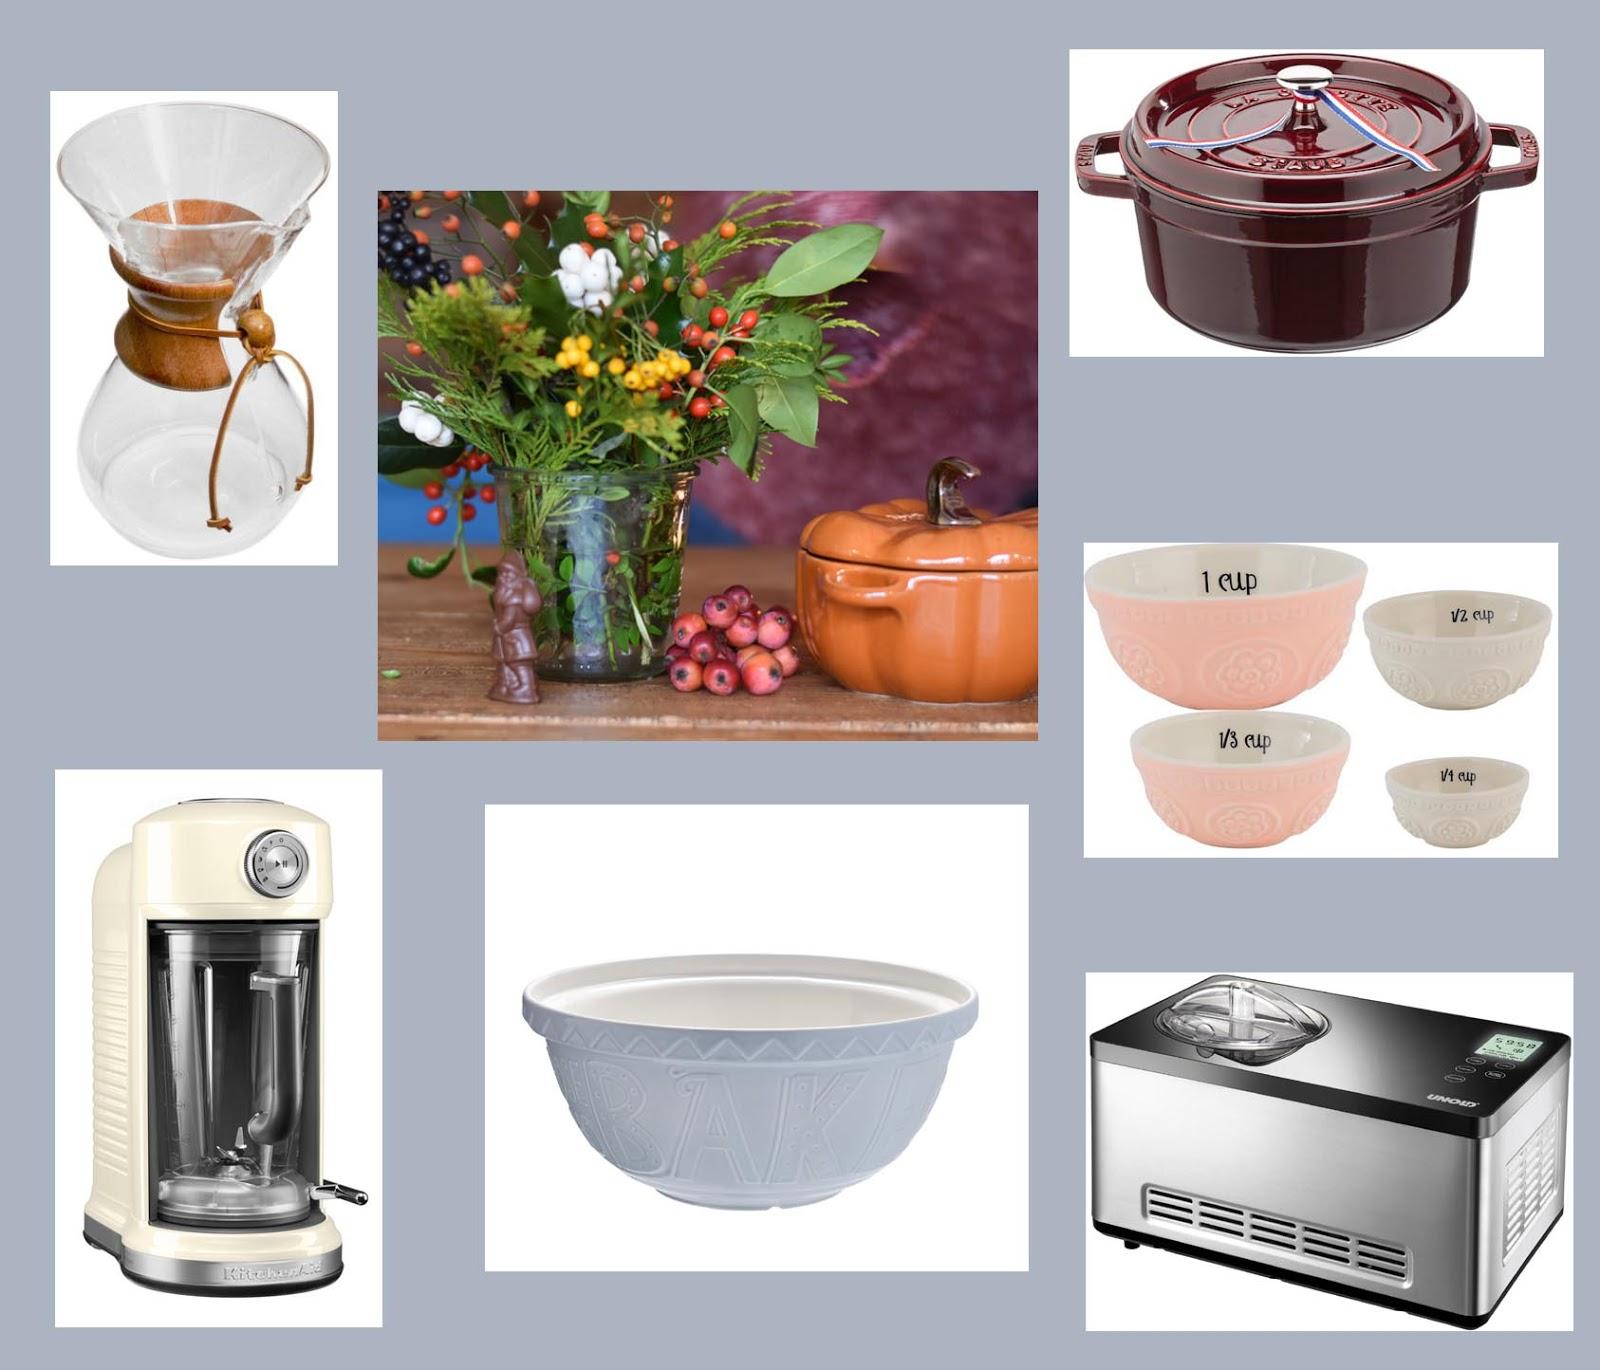 S kuche geschenke fur die kuche meine empfehlungen for Geschenke für die küche